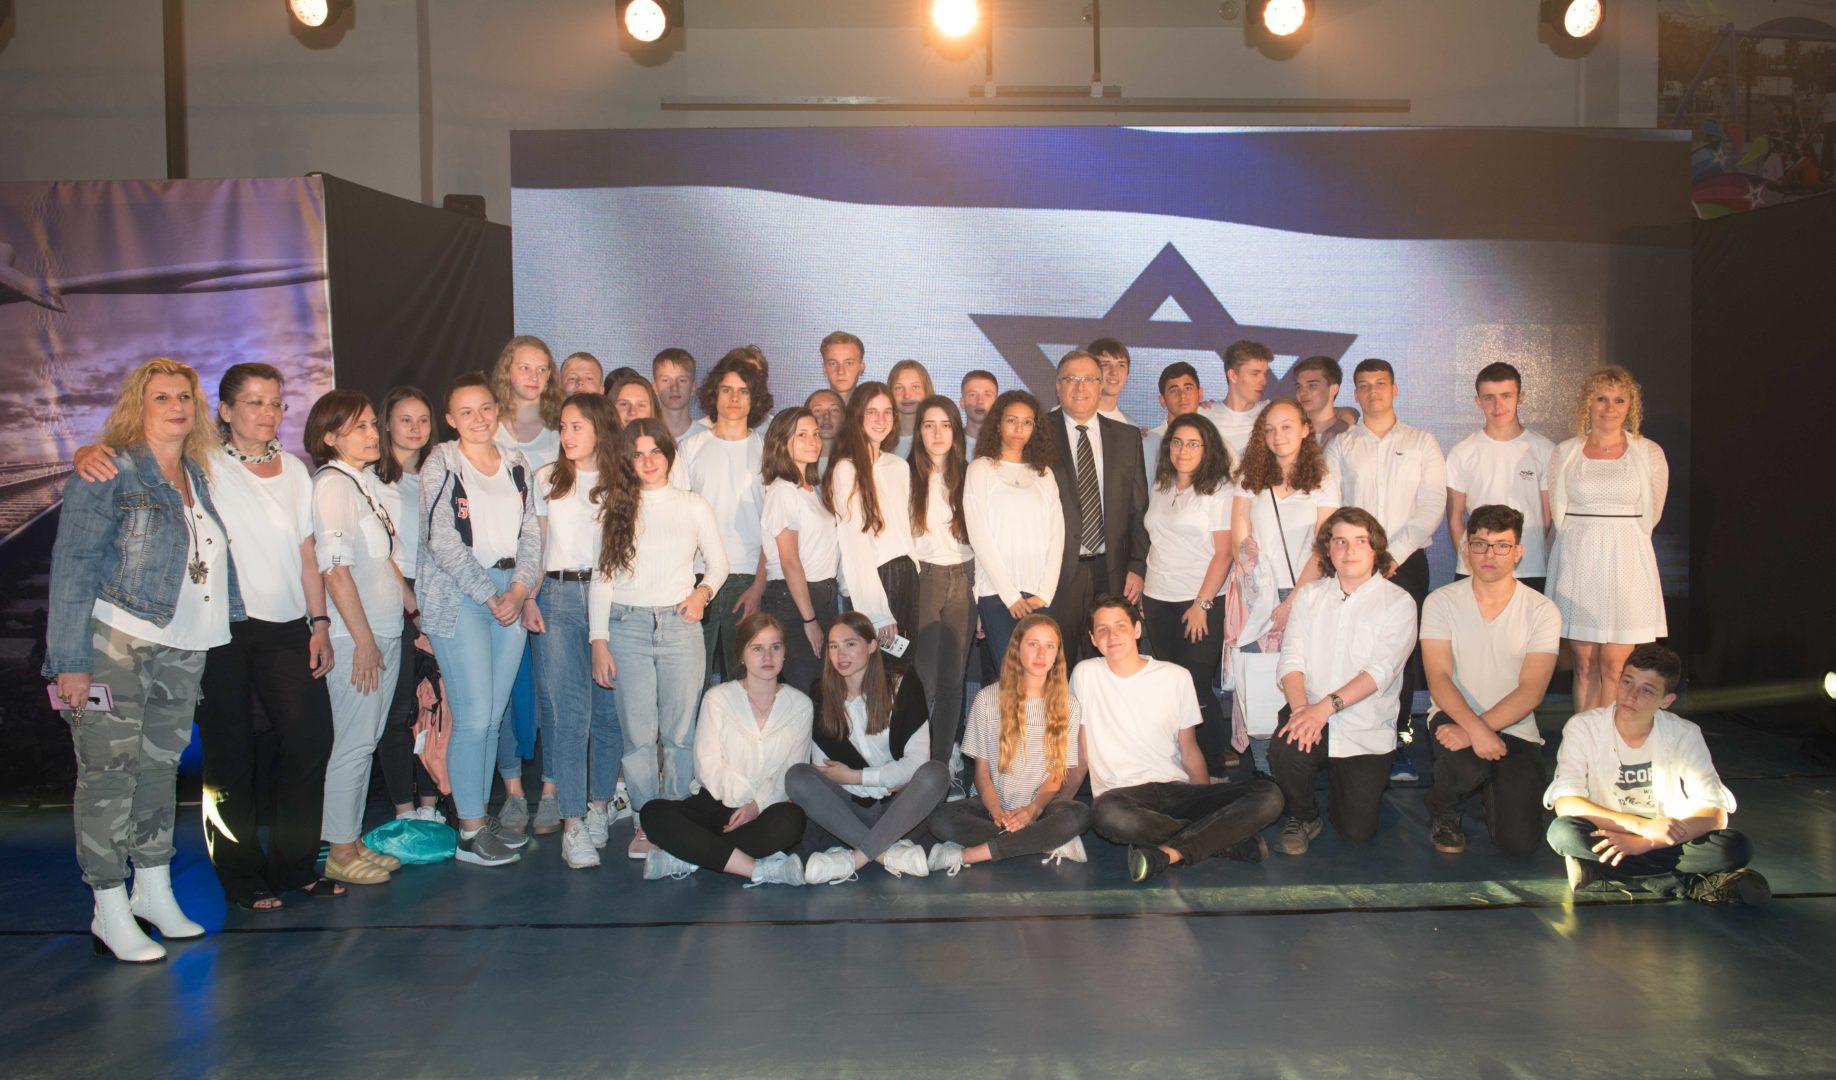 בתמונה: משלחת בני נוער מגרמניה יחד עם מארחיהם הישראלים וראש העיר, אלי דוקורסקי